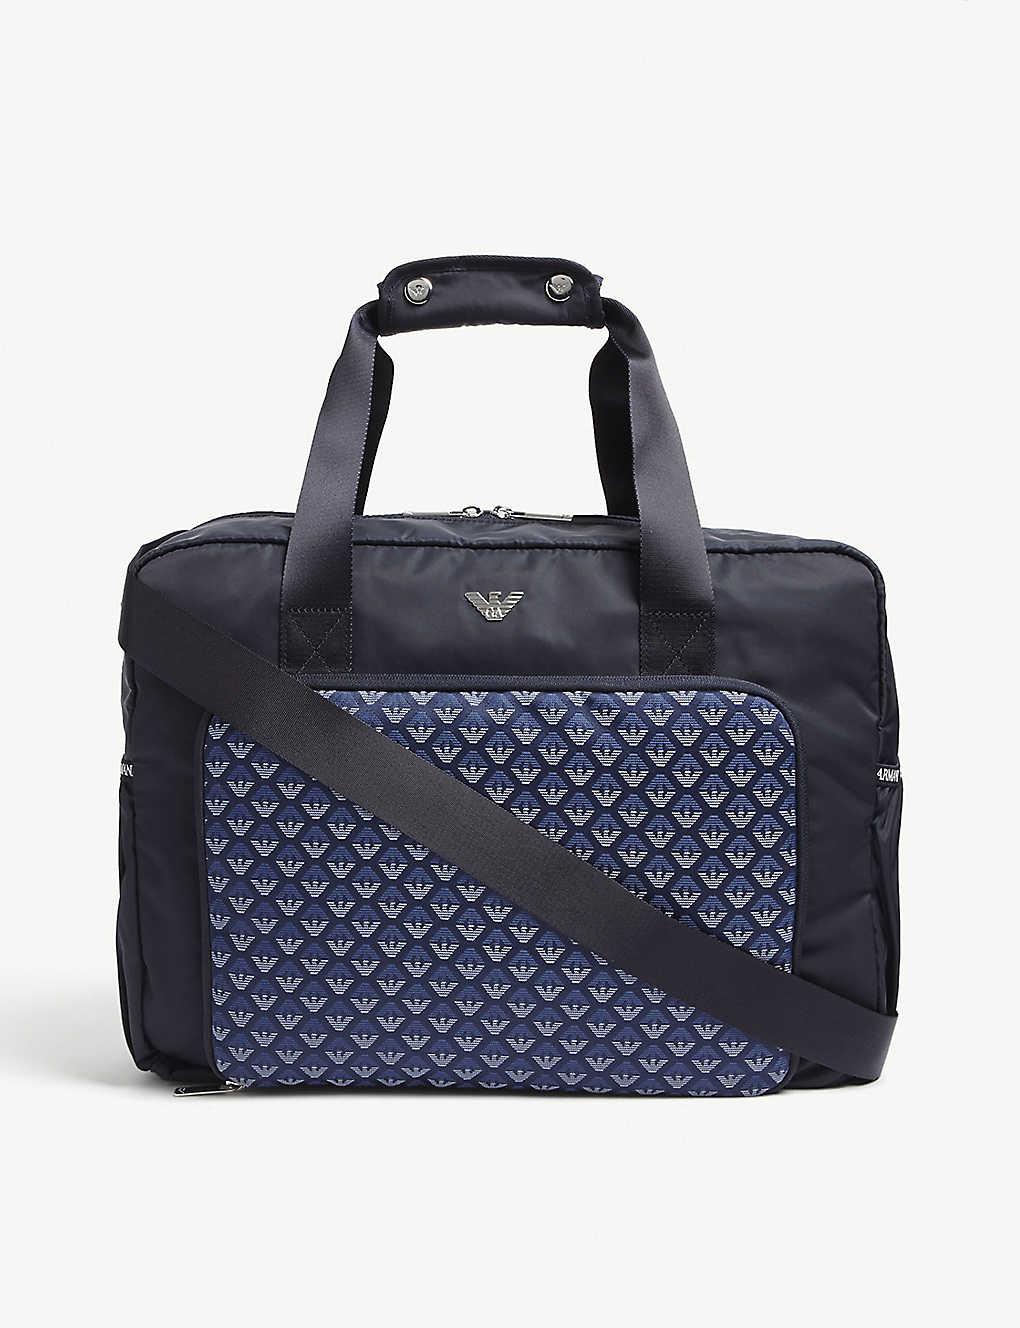 EMPORIO ARMANI - Eagle print changing bag  7cff73f82ed79